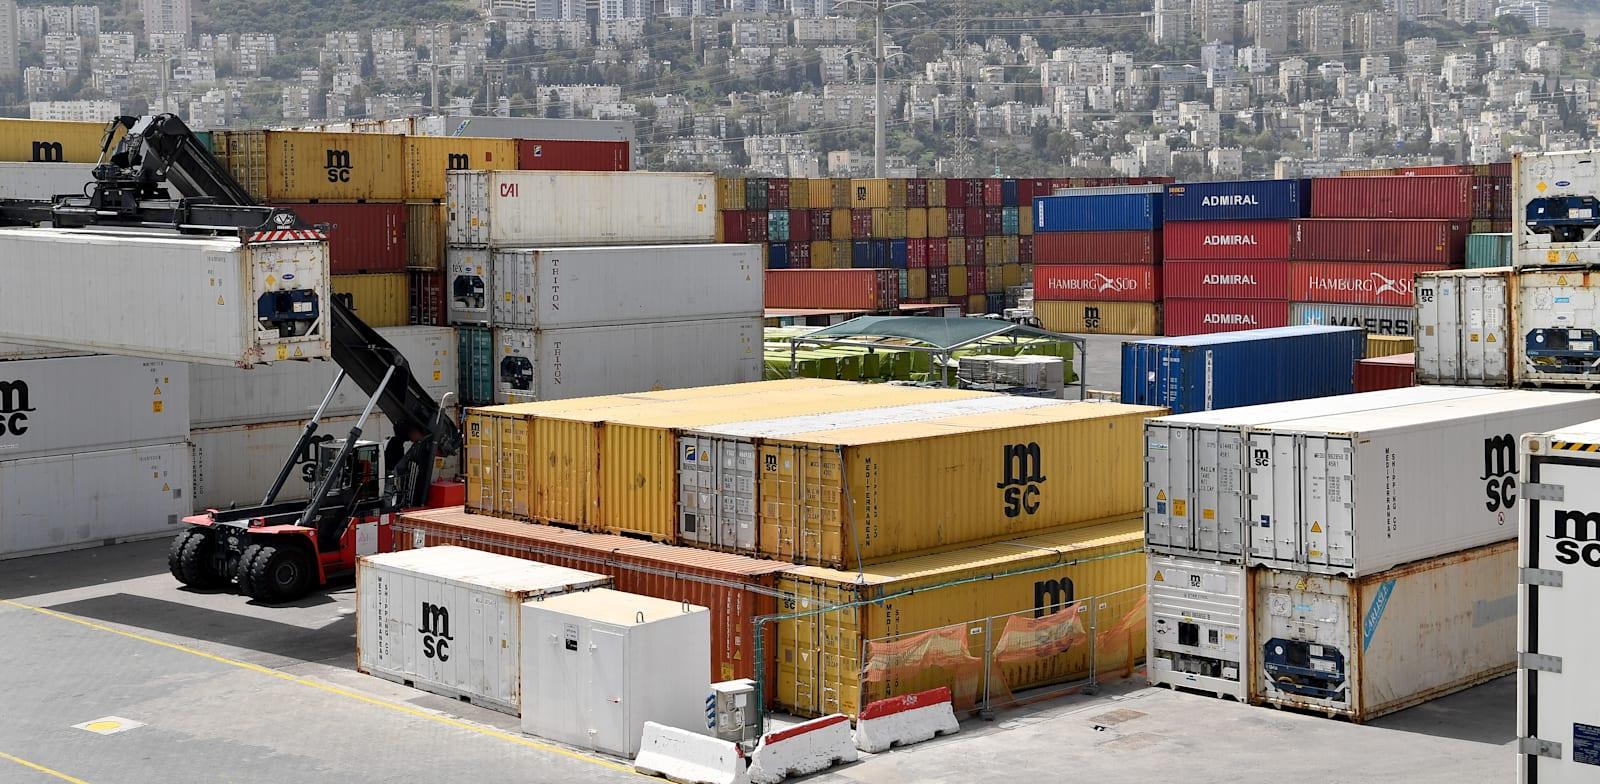 נמל חיפה / צילום: פאול אורלייב